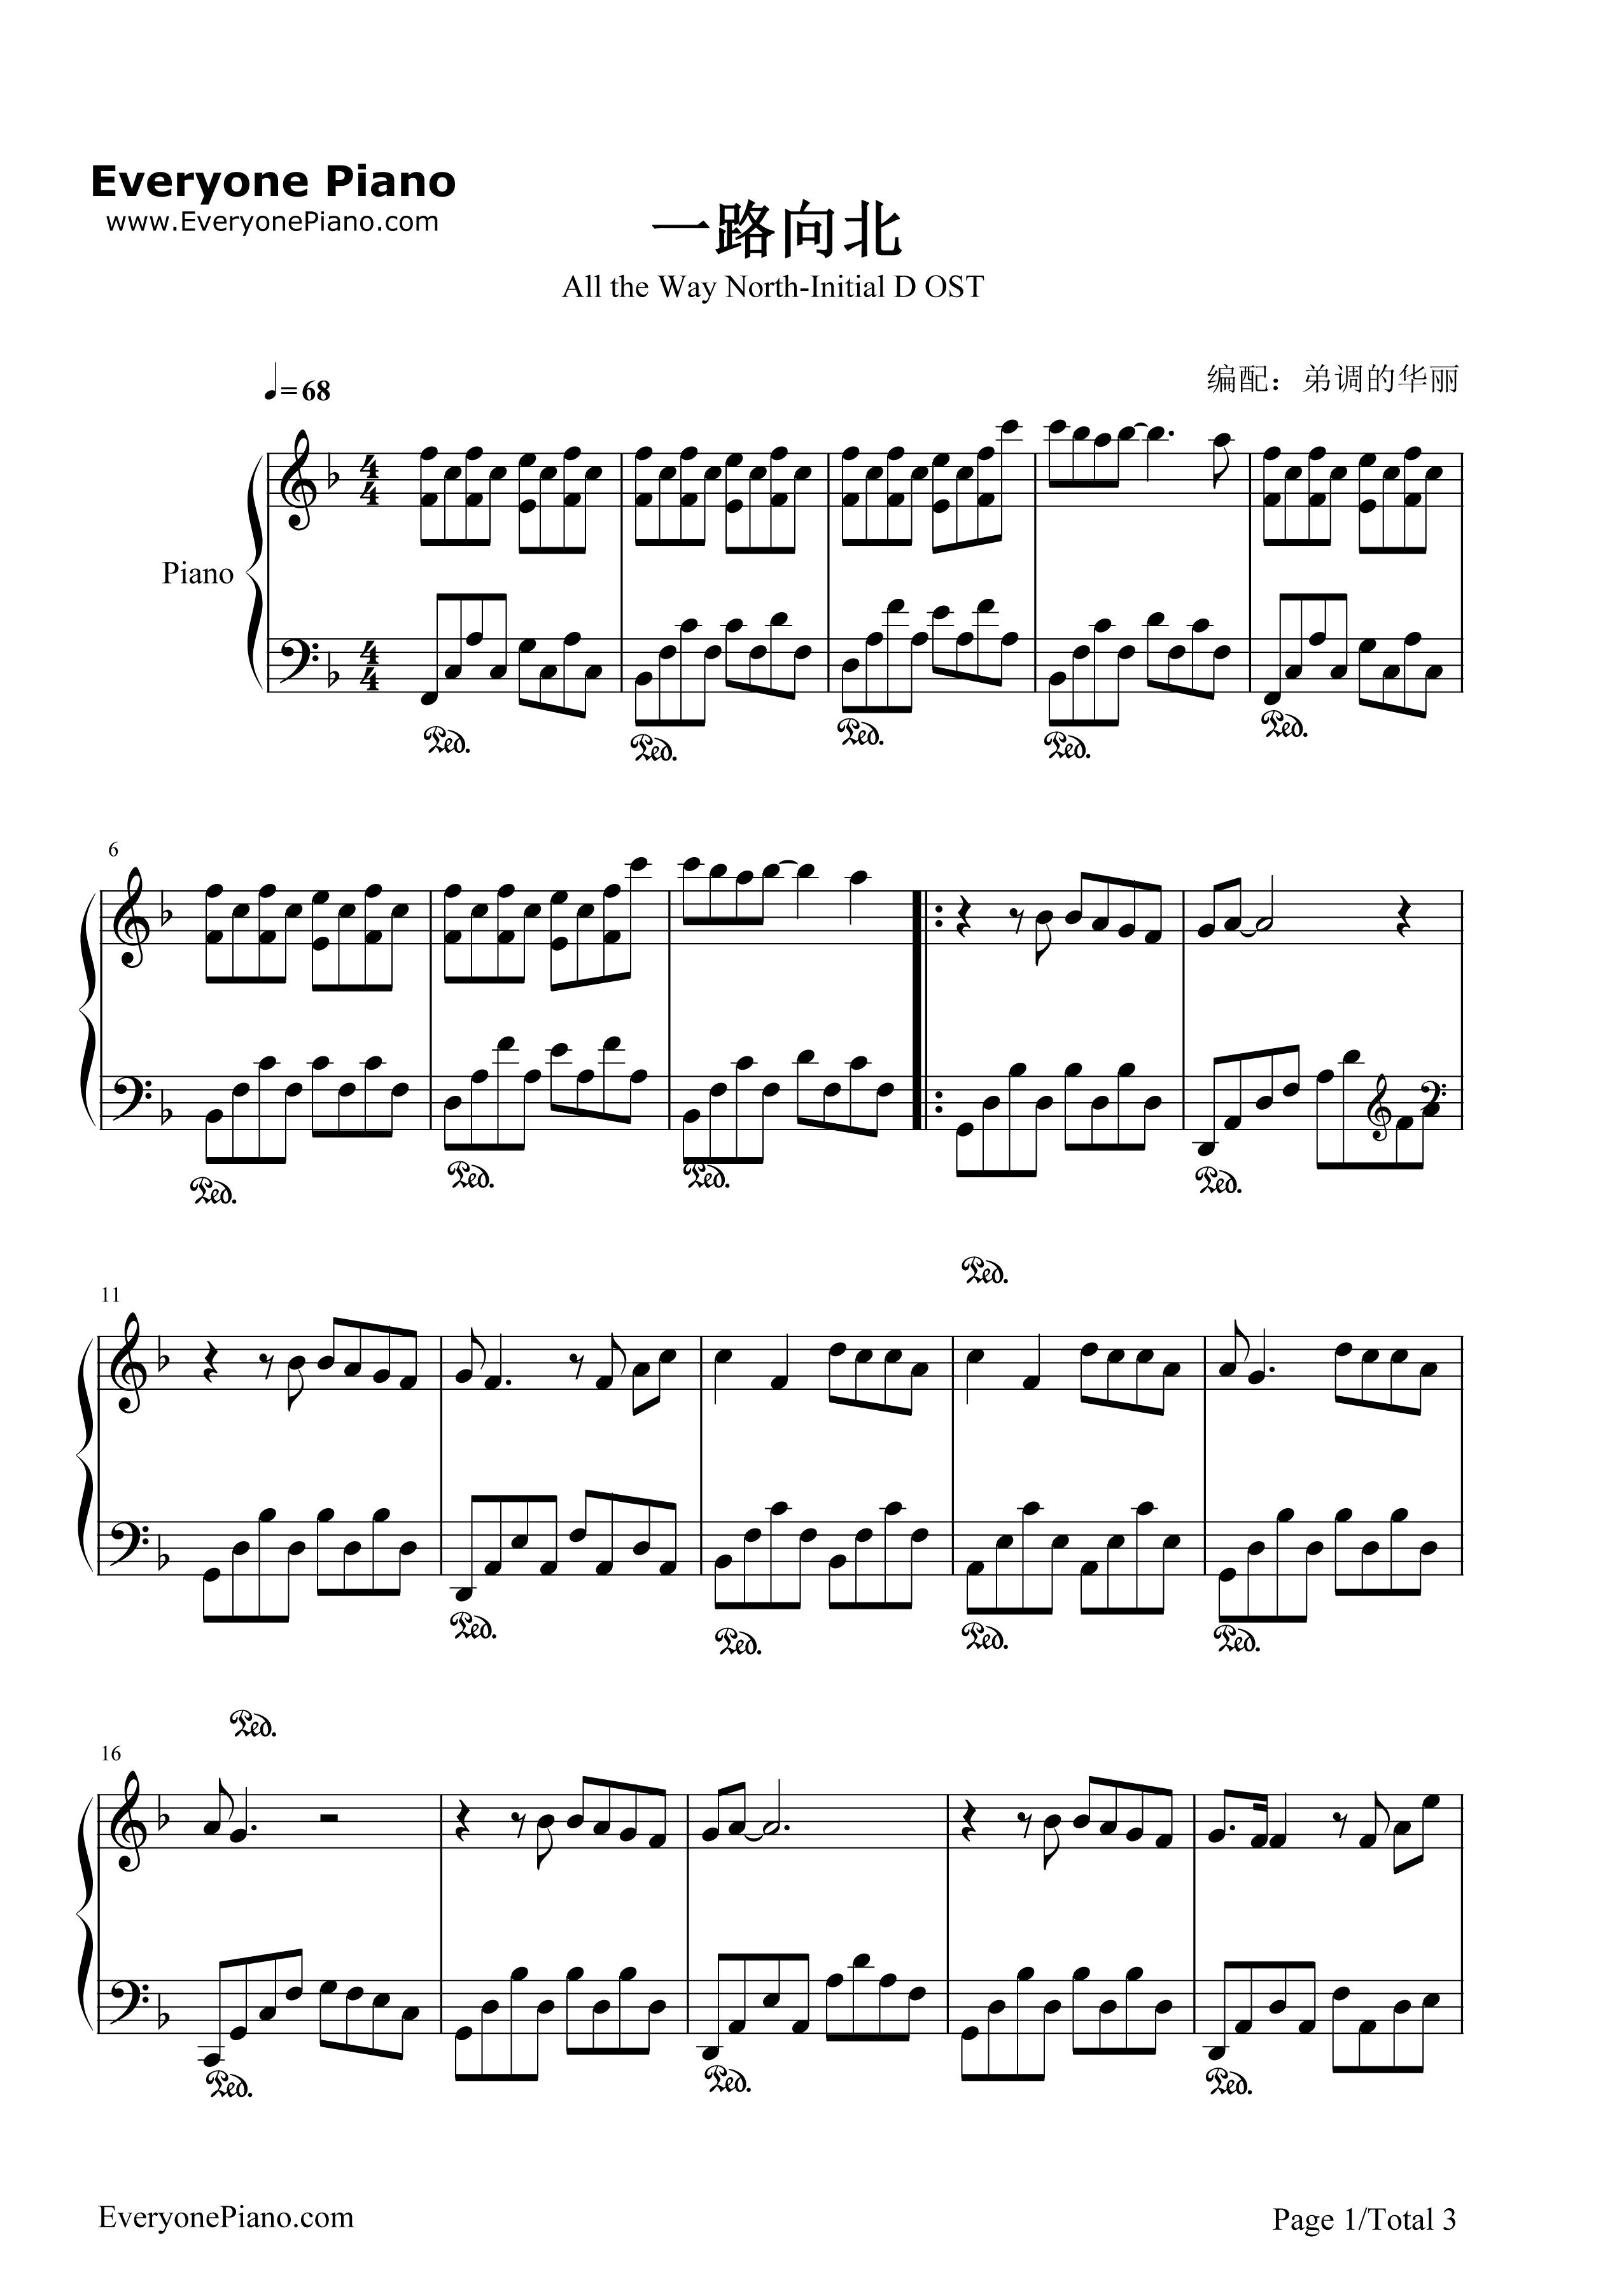 钢琴曲谱 流行 一路向北-头文字d插曲 一路向北-头文字d插曲五线谱